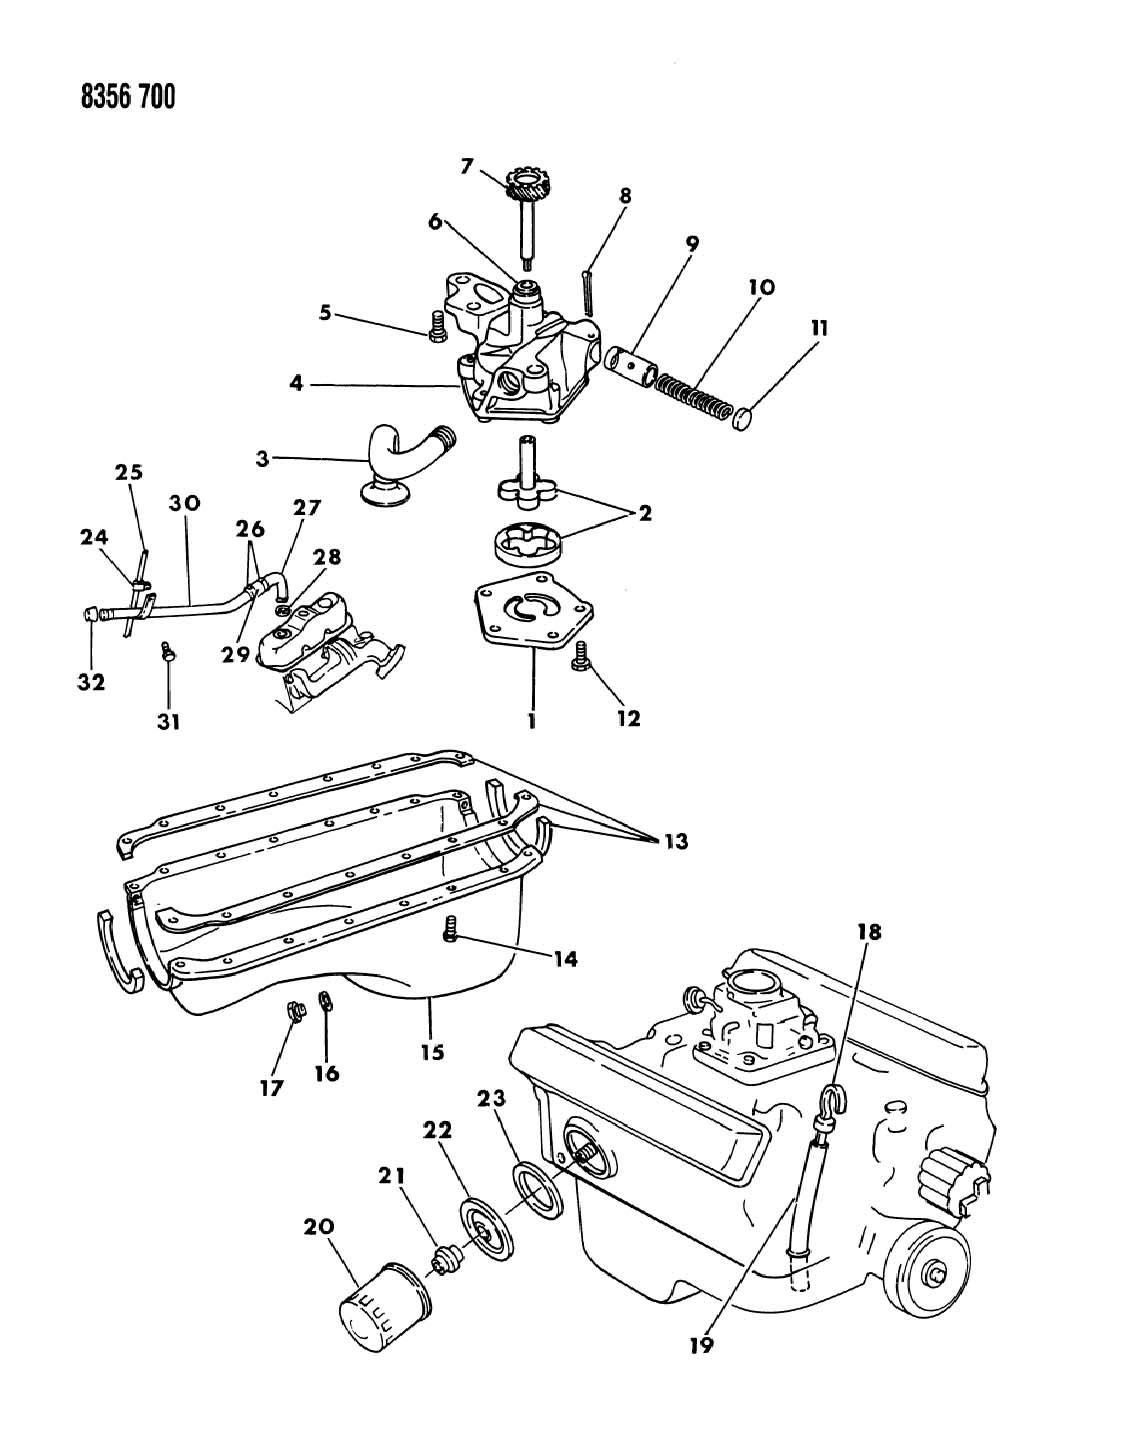 1988 dodge dakota engine oiling 3 9l engine